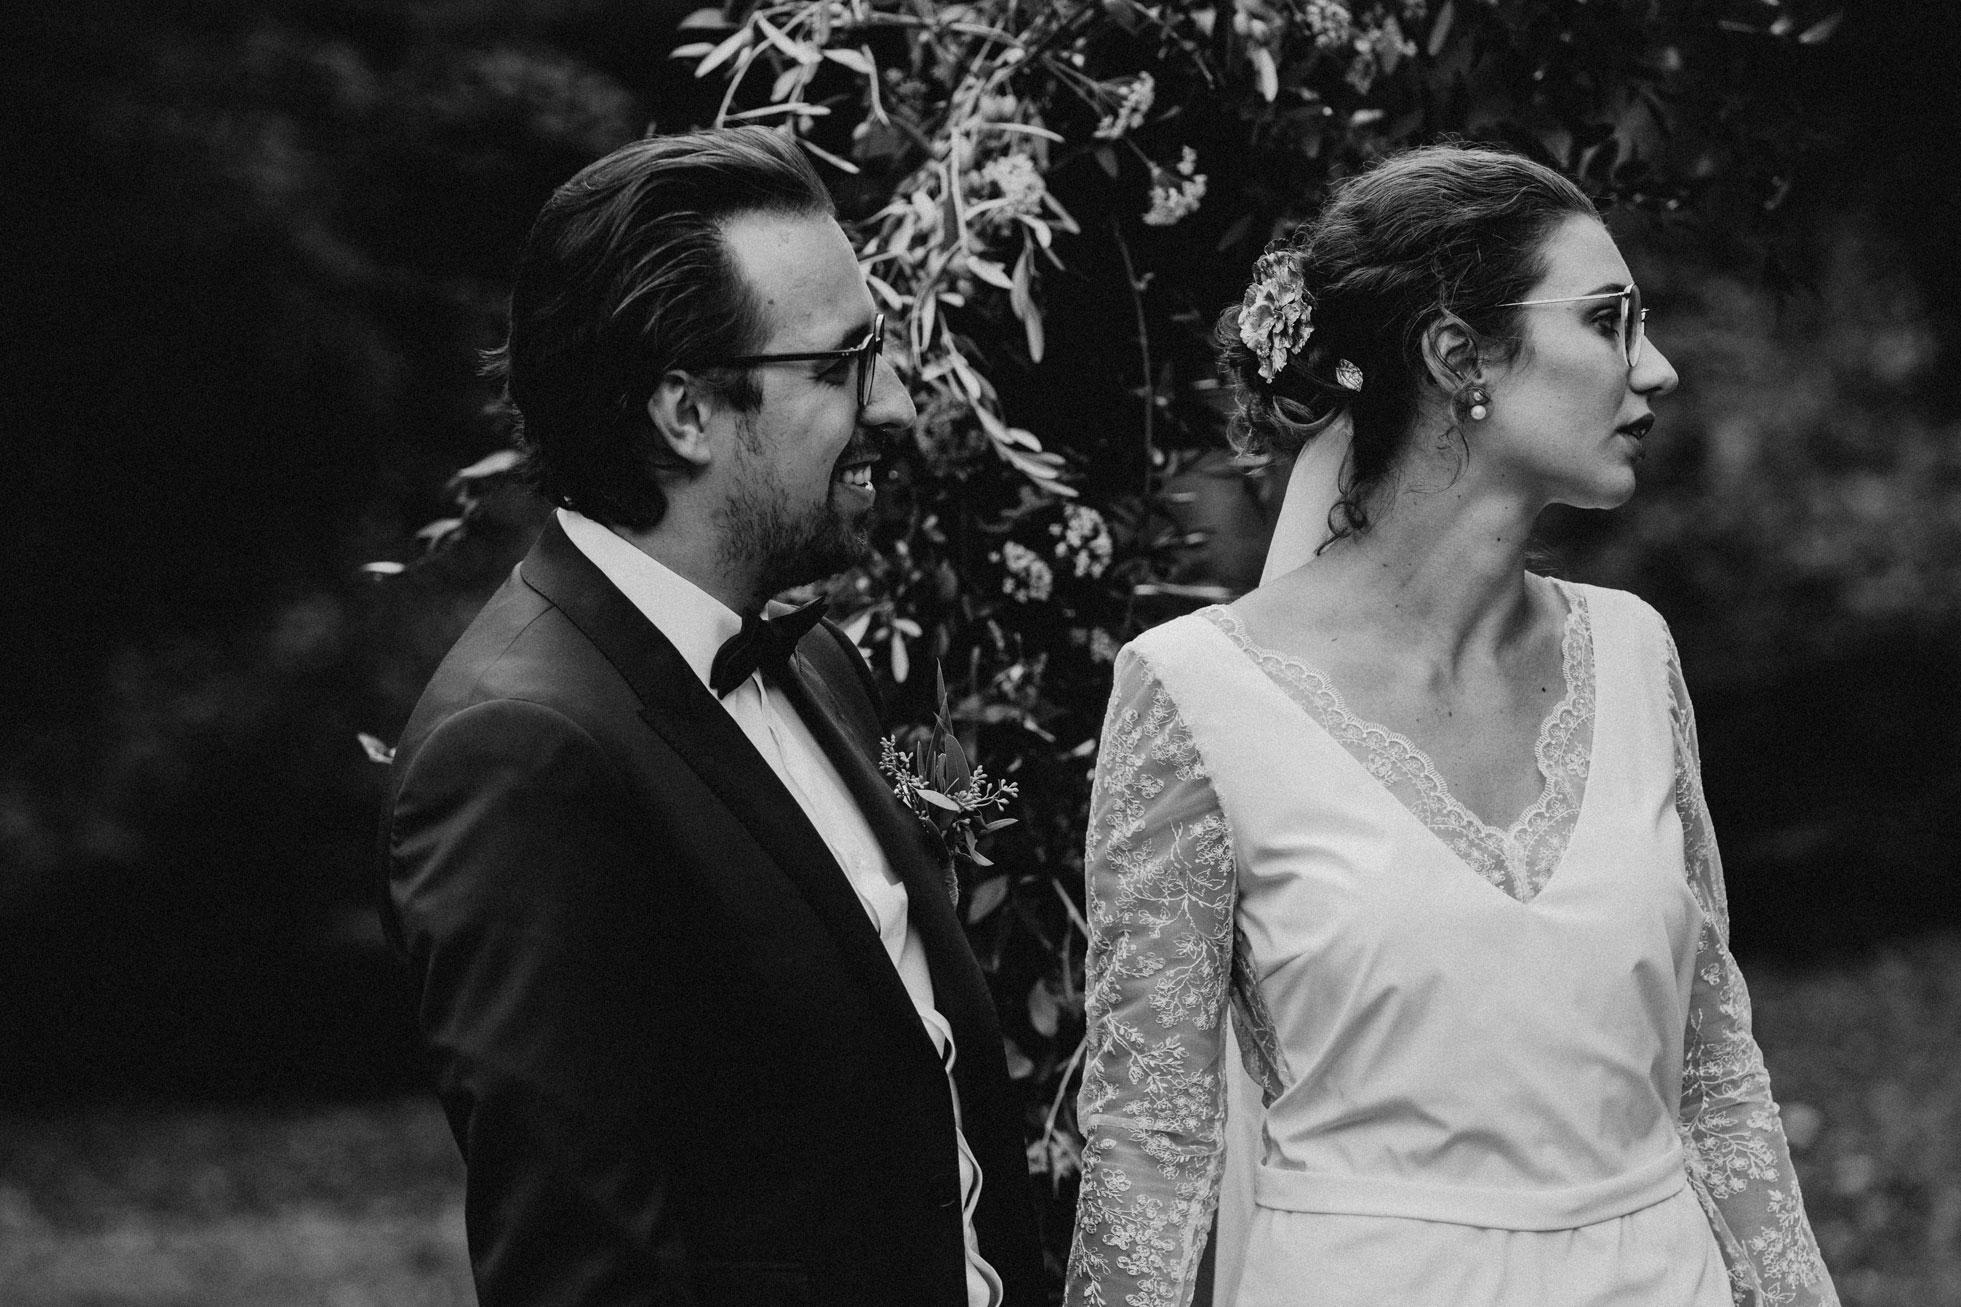 Hochzeit_Claire_Manuel_Villa_Maund_Daniel_Jenny-180.jpg